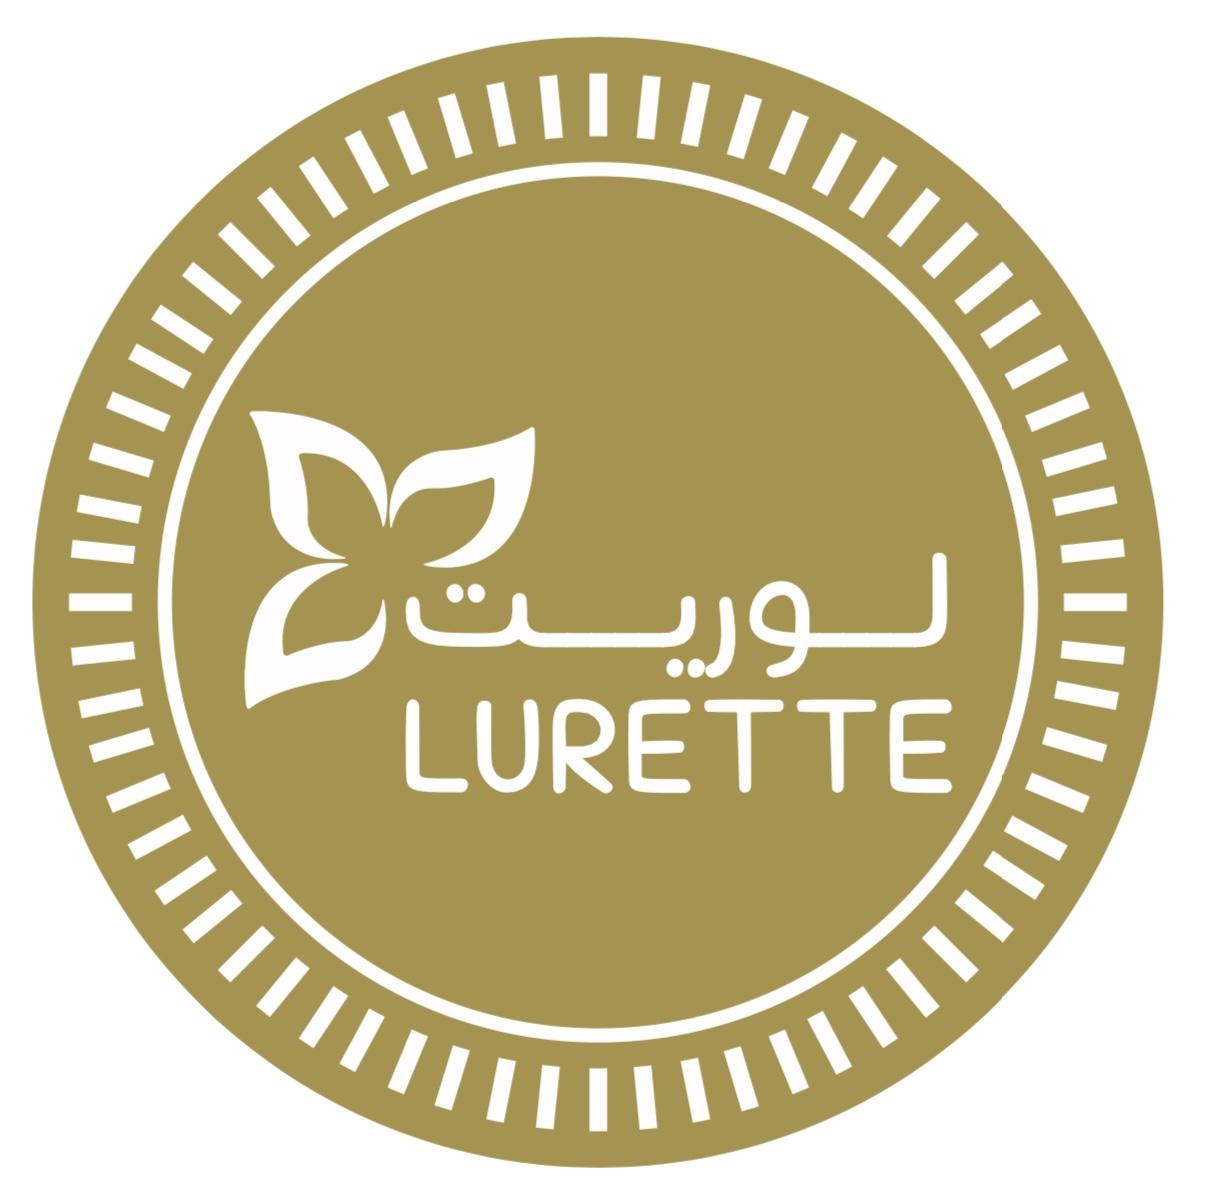 Lurette